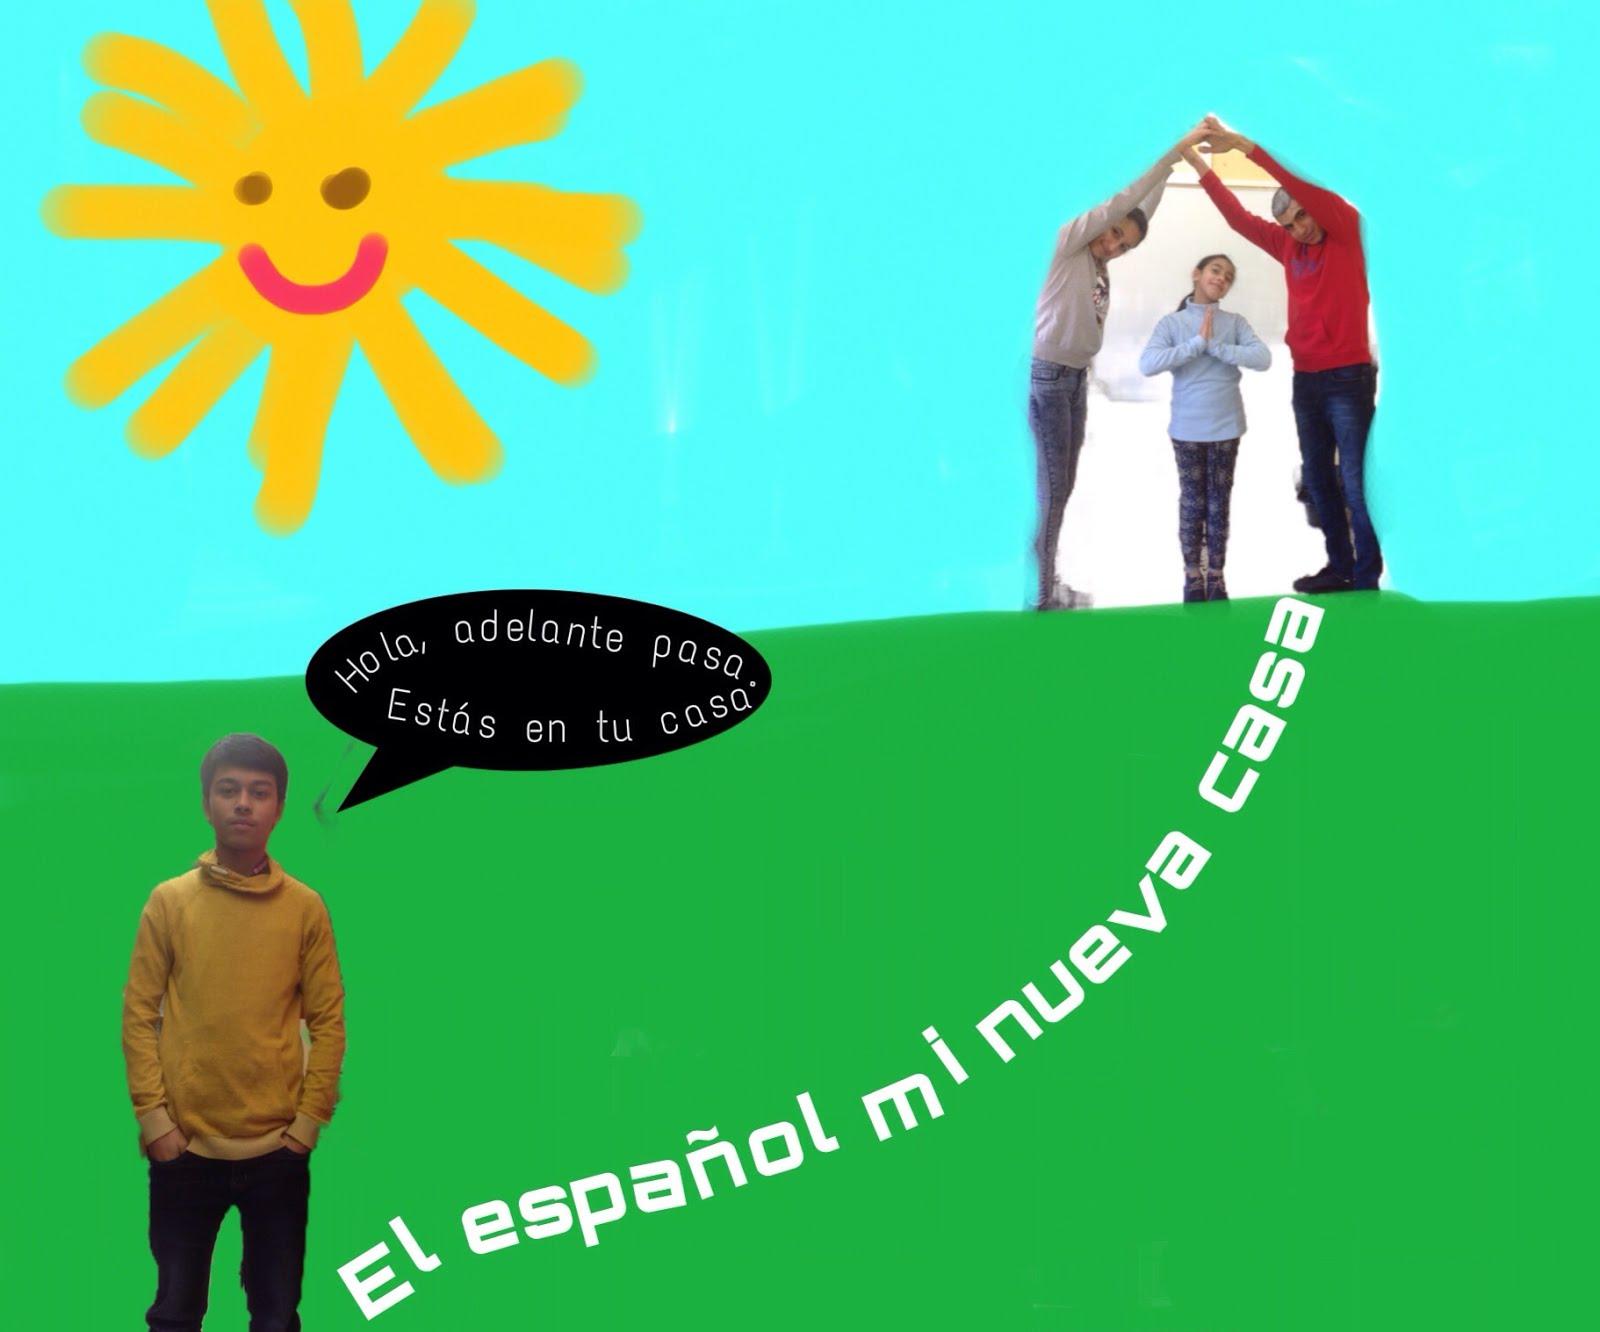 Castellano segunda lengua